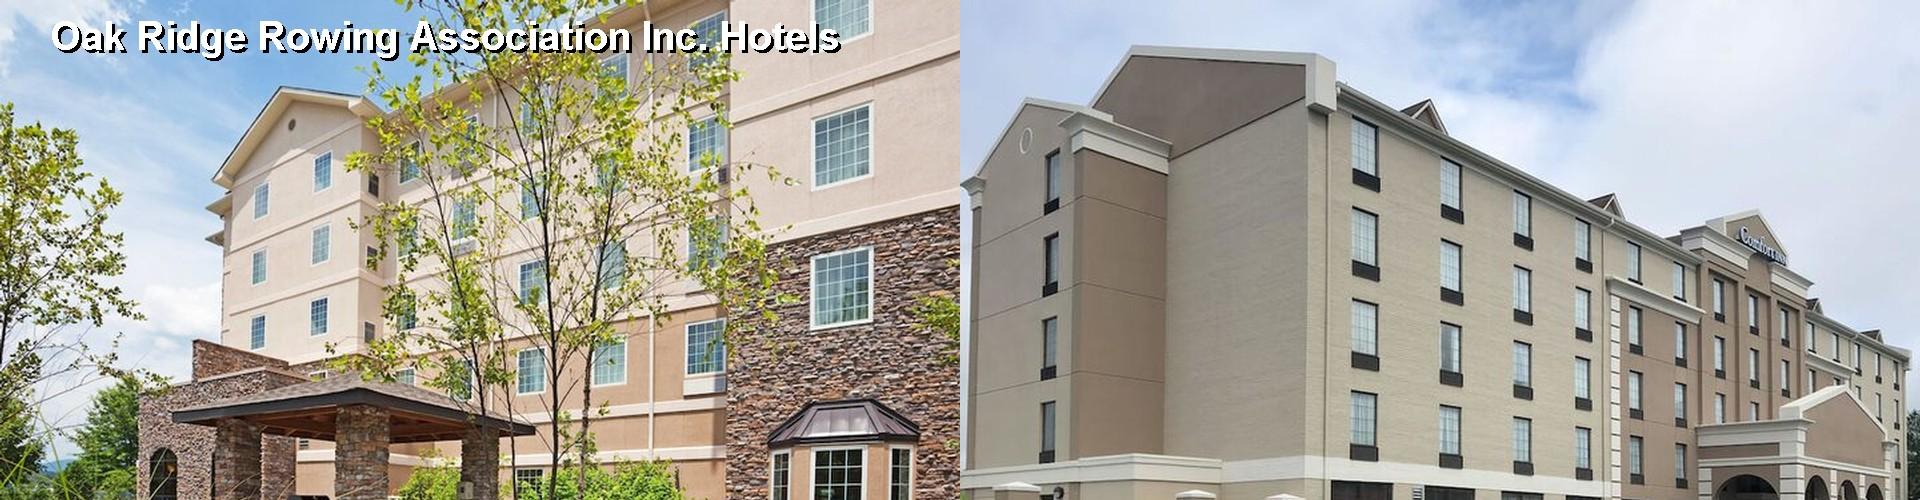 5 Best Hotels Near Oak Ridge Rowing Ociation Inc